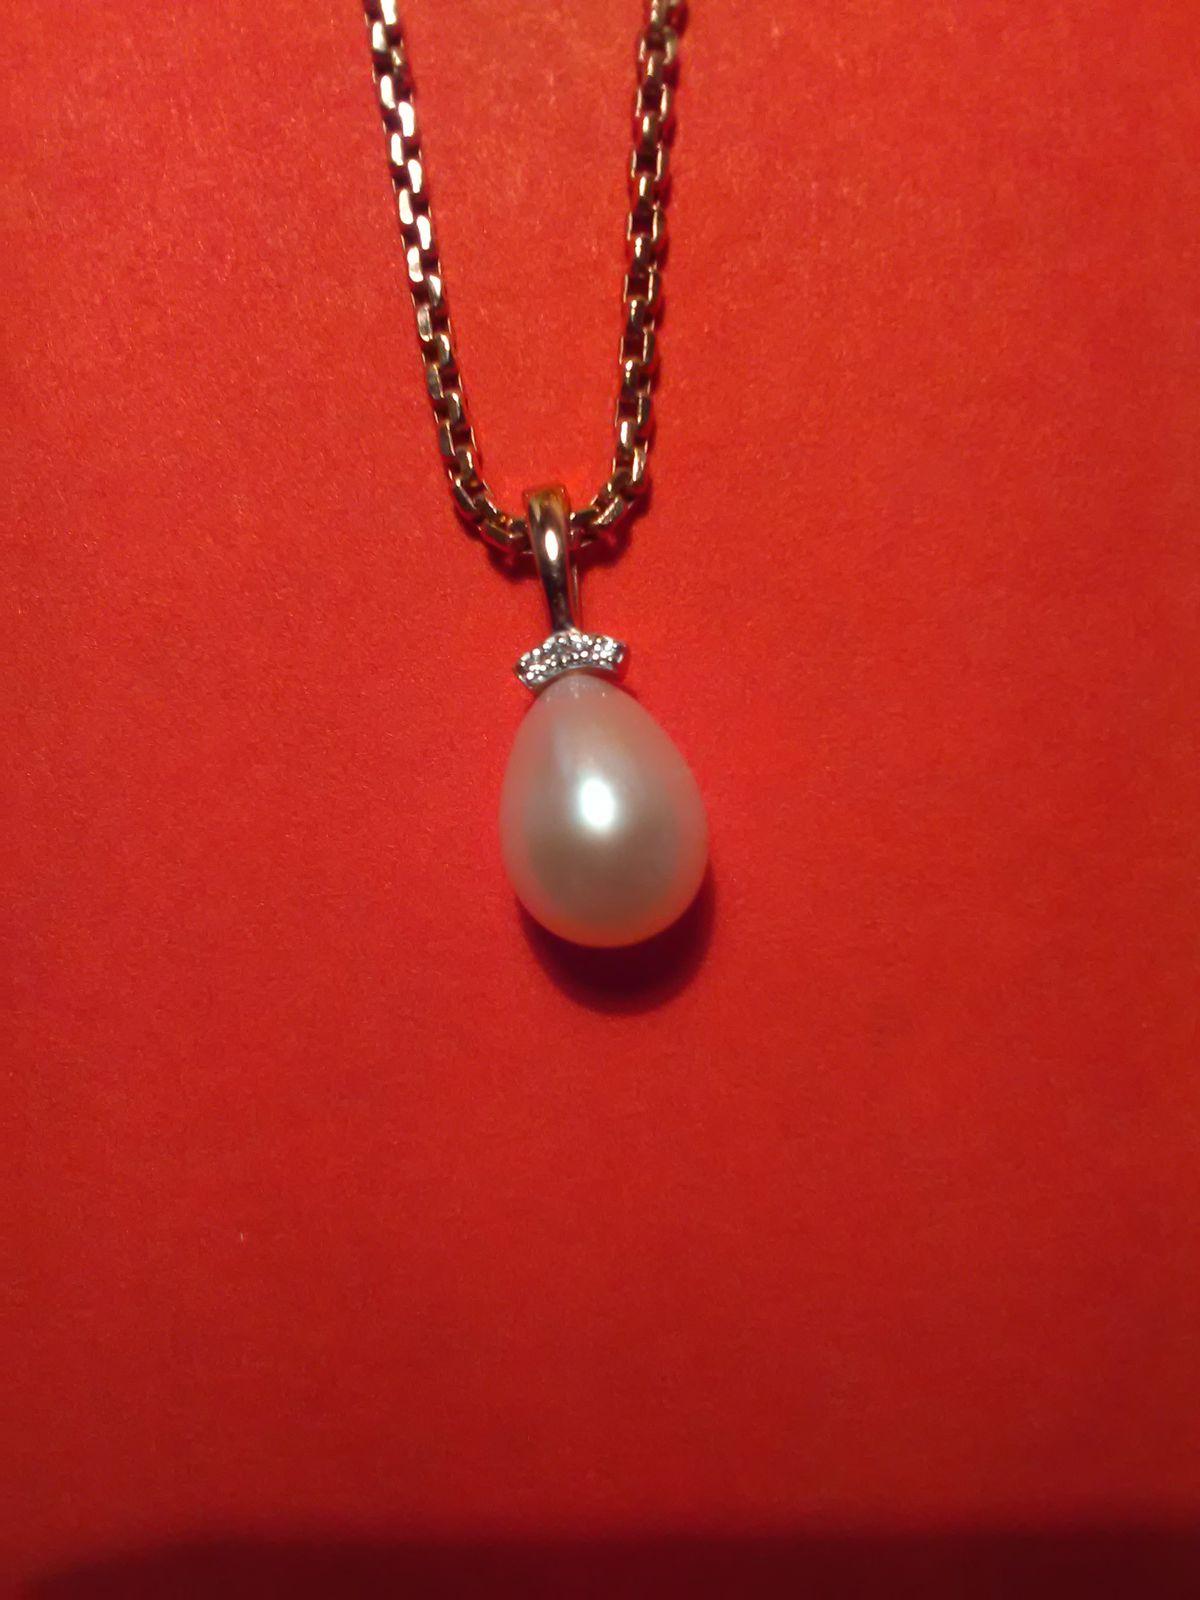 Золотая подвеска с жемчугом и бриллиантами. Коллекция: Одри.